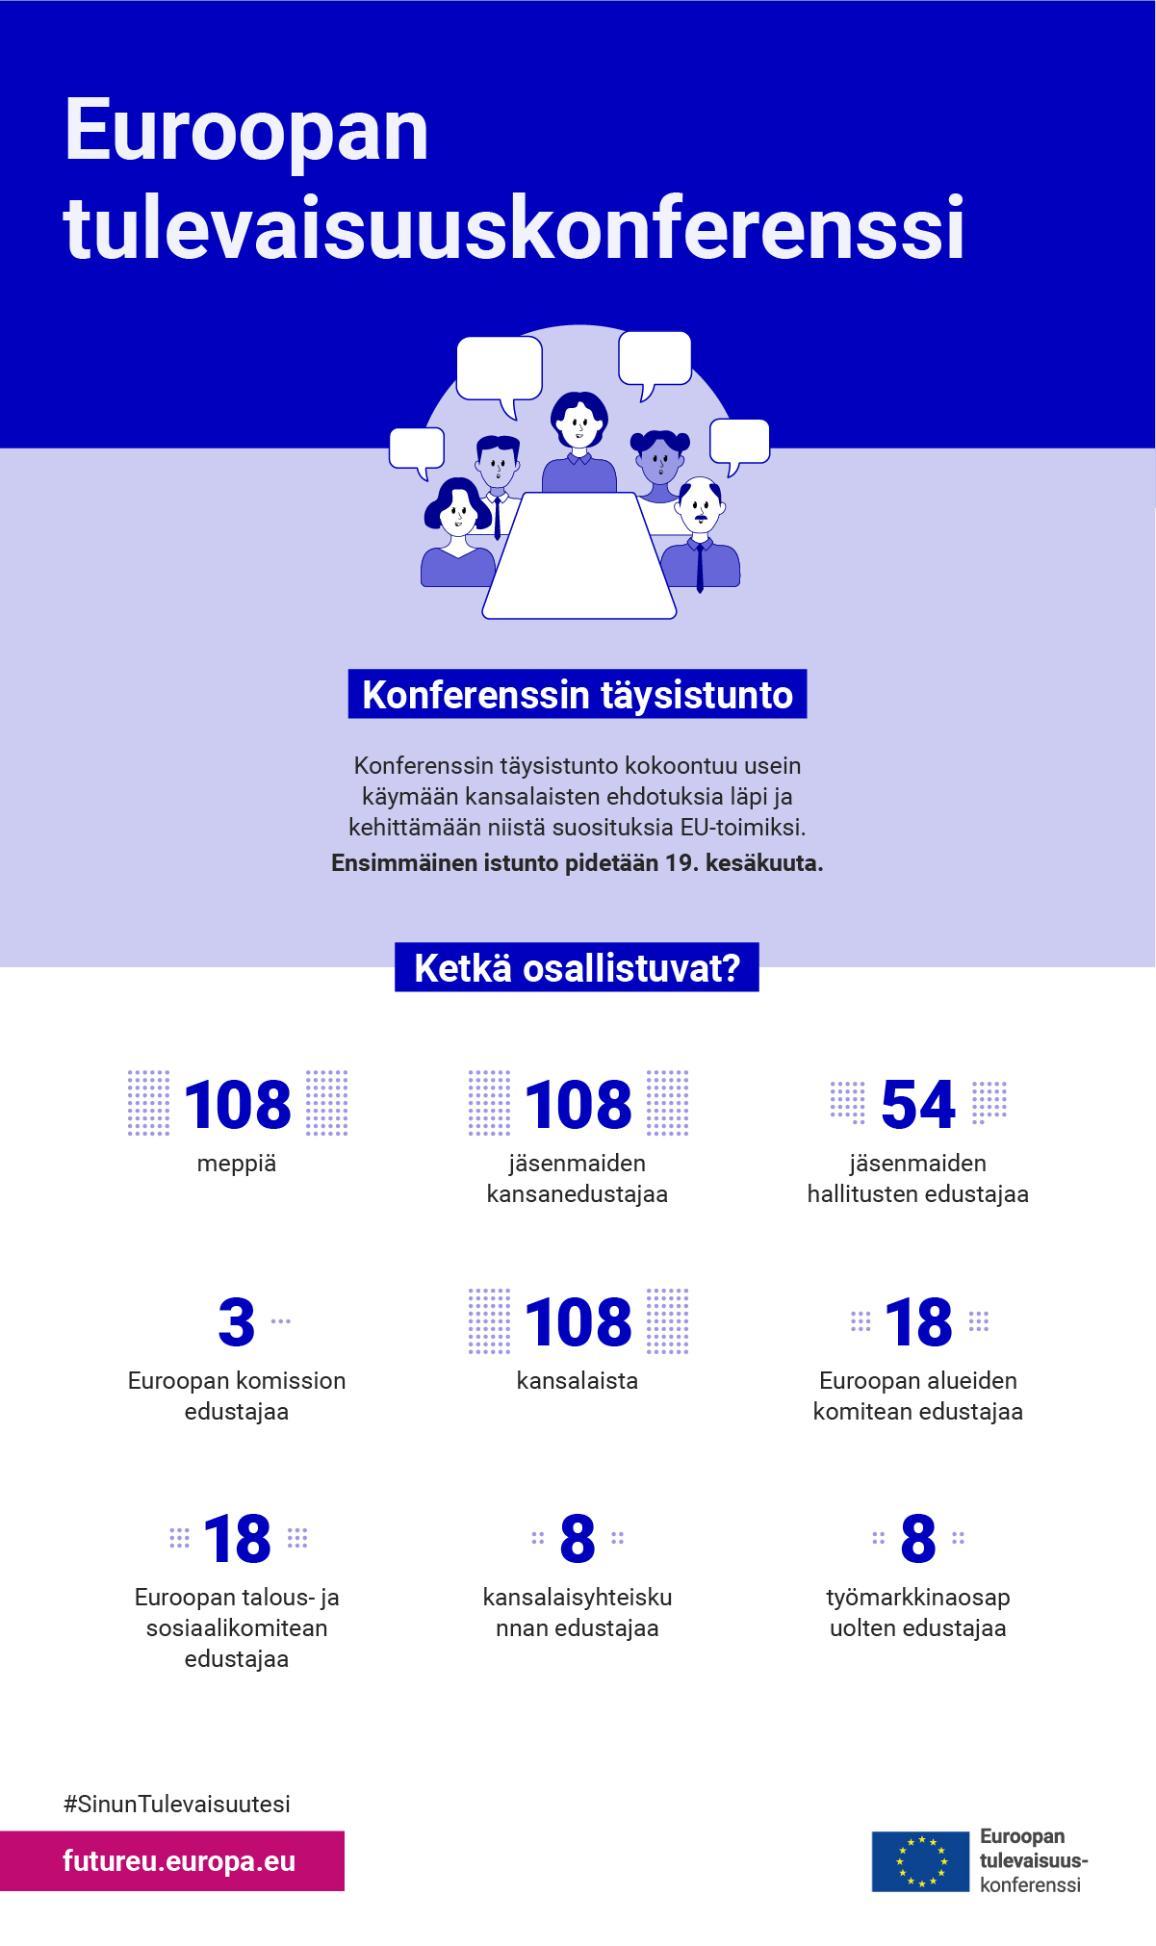 Infografiikka, joka näyttää ketkä osallistuvat Euroopan tulevaisuuskonferenssiin.